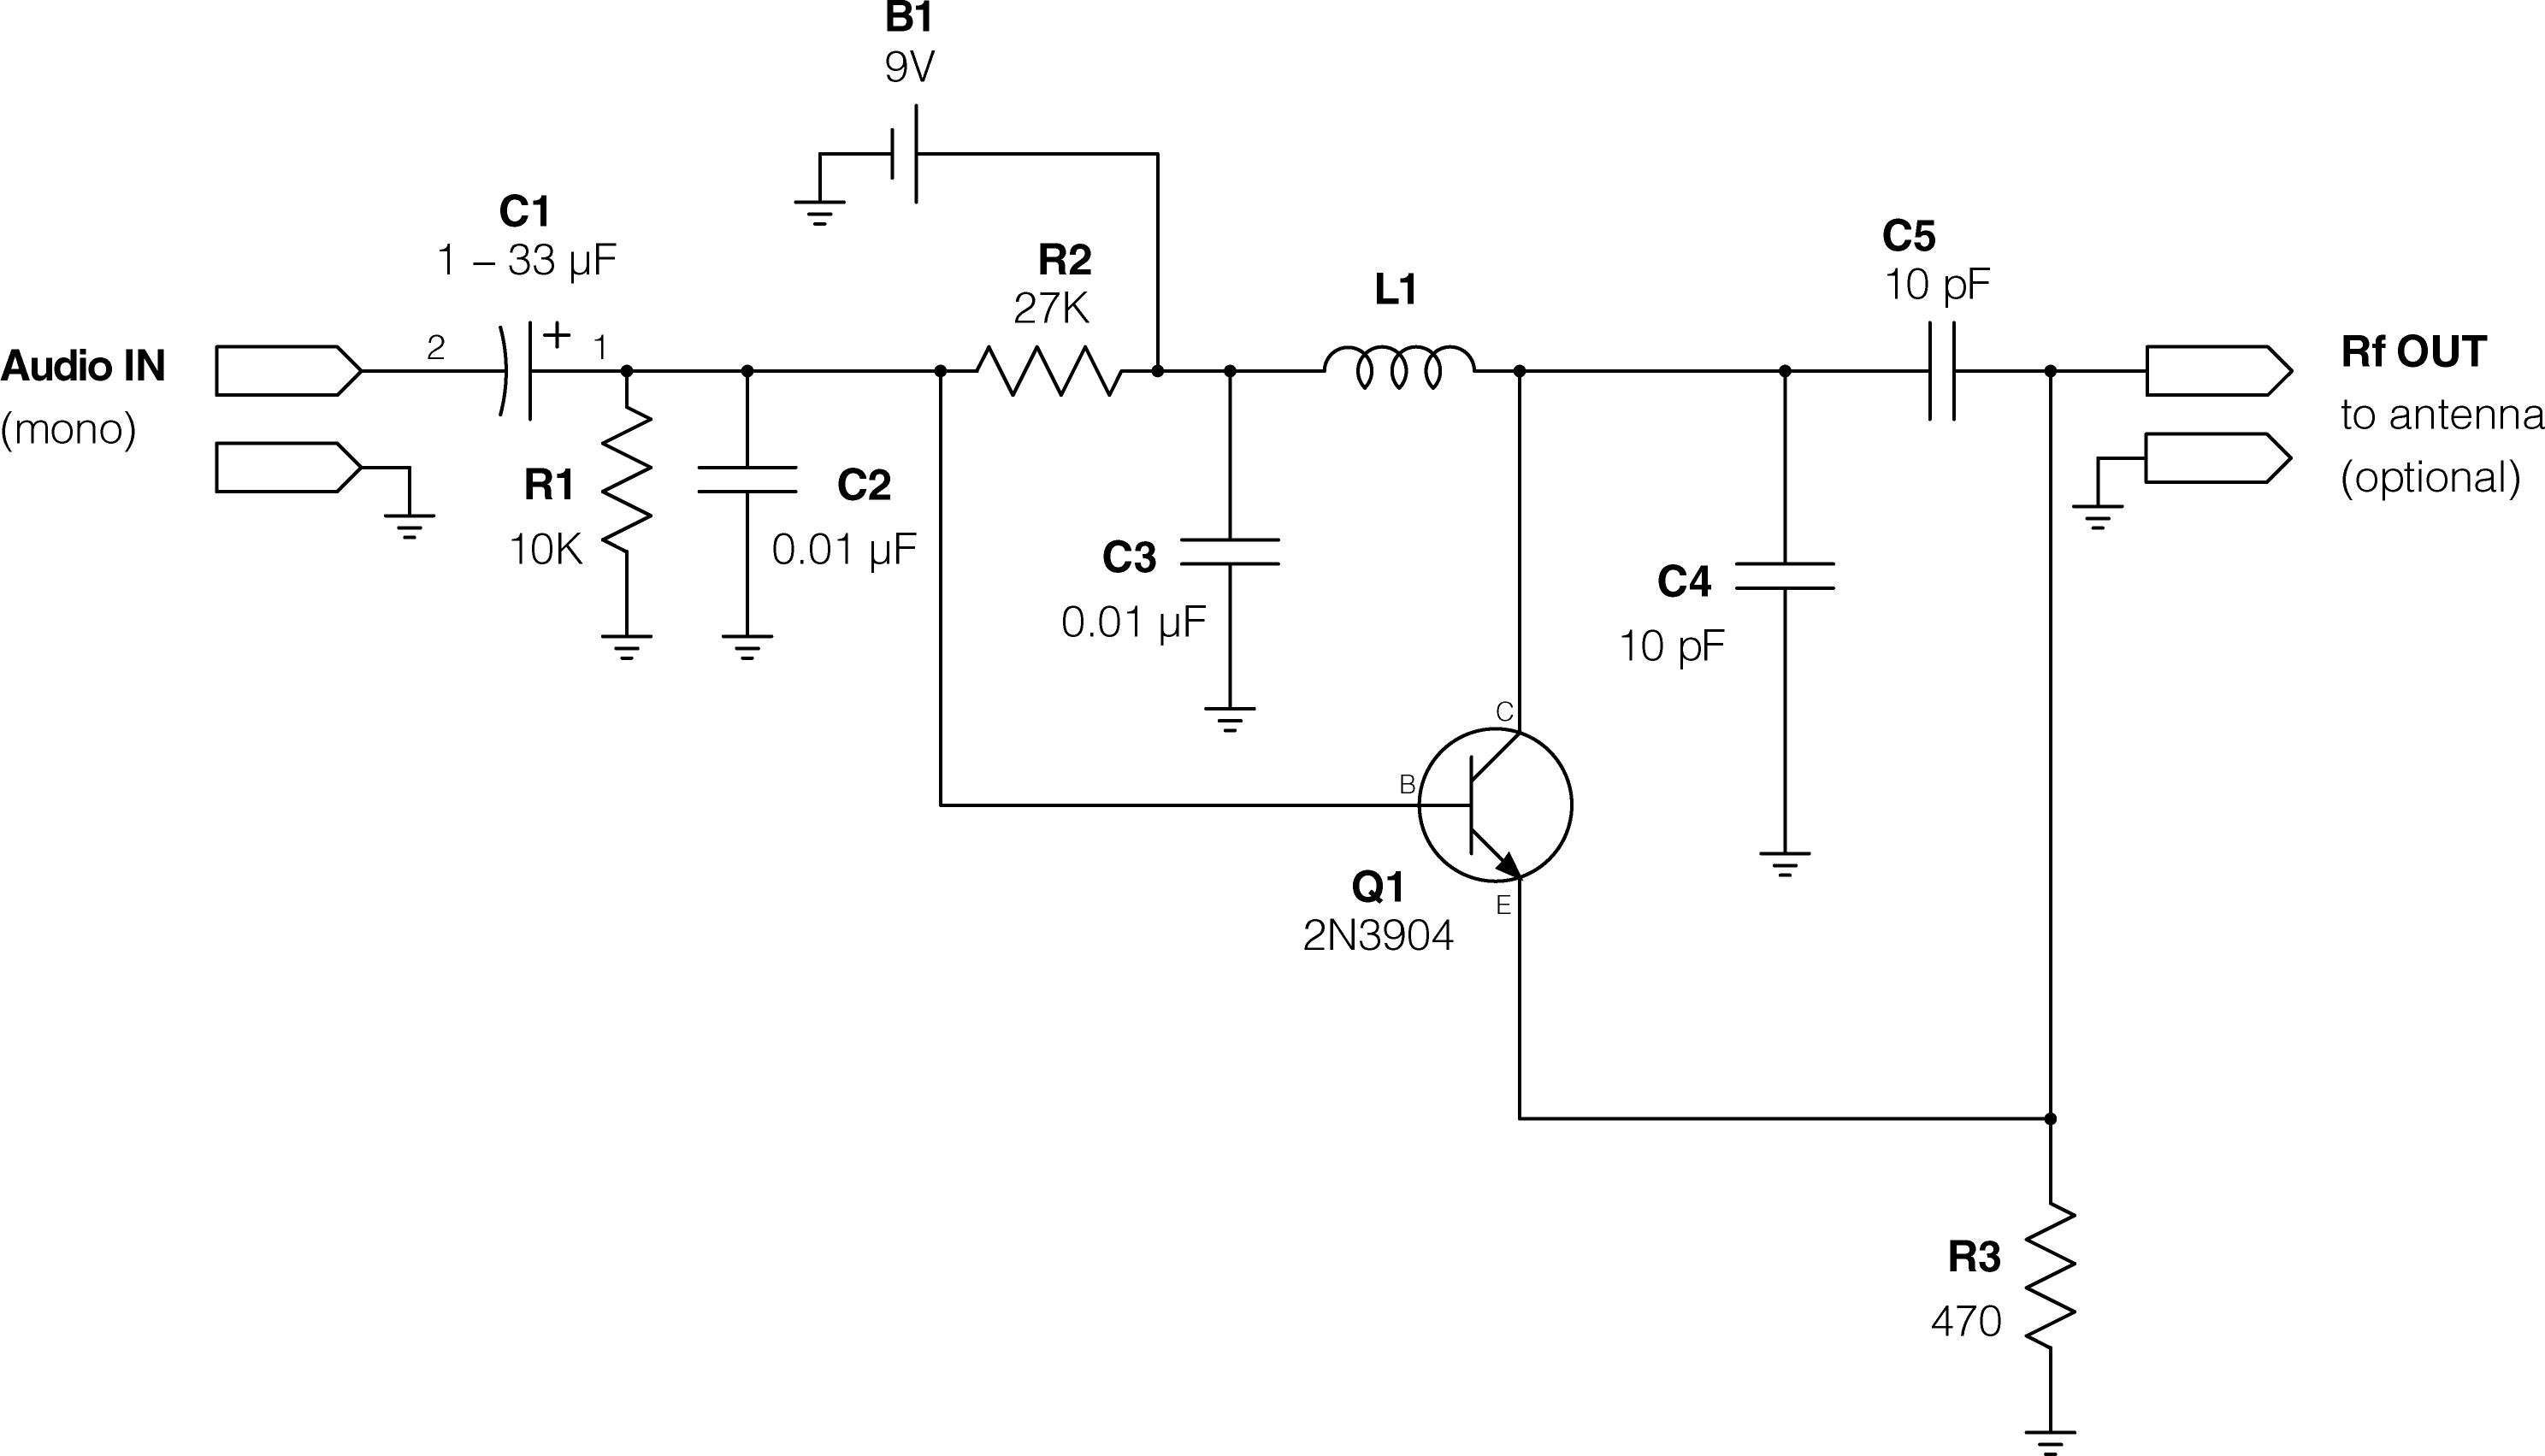 kogawa_simplest_transmitter?resize=620%2C354 super simple ipod fm transmitter make simple fm transmitter circuit diagram at virtualis.co